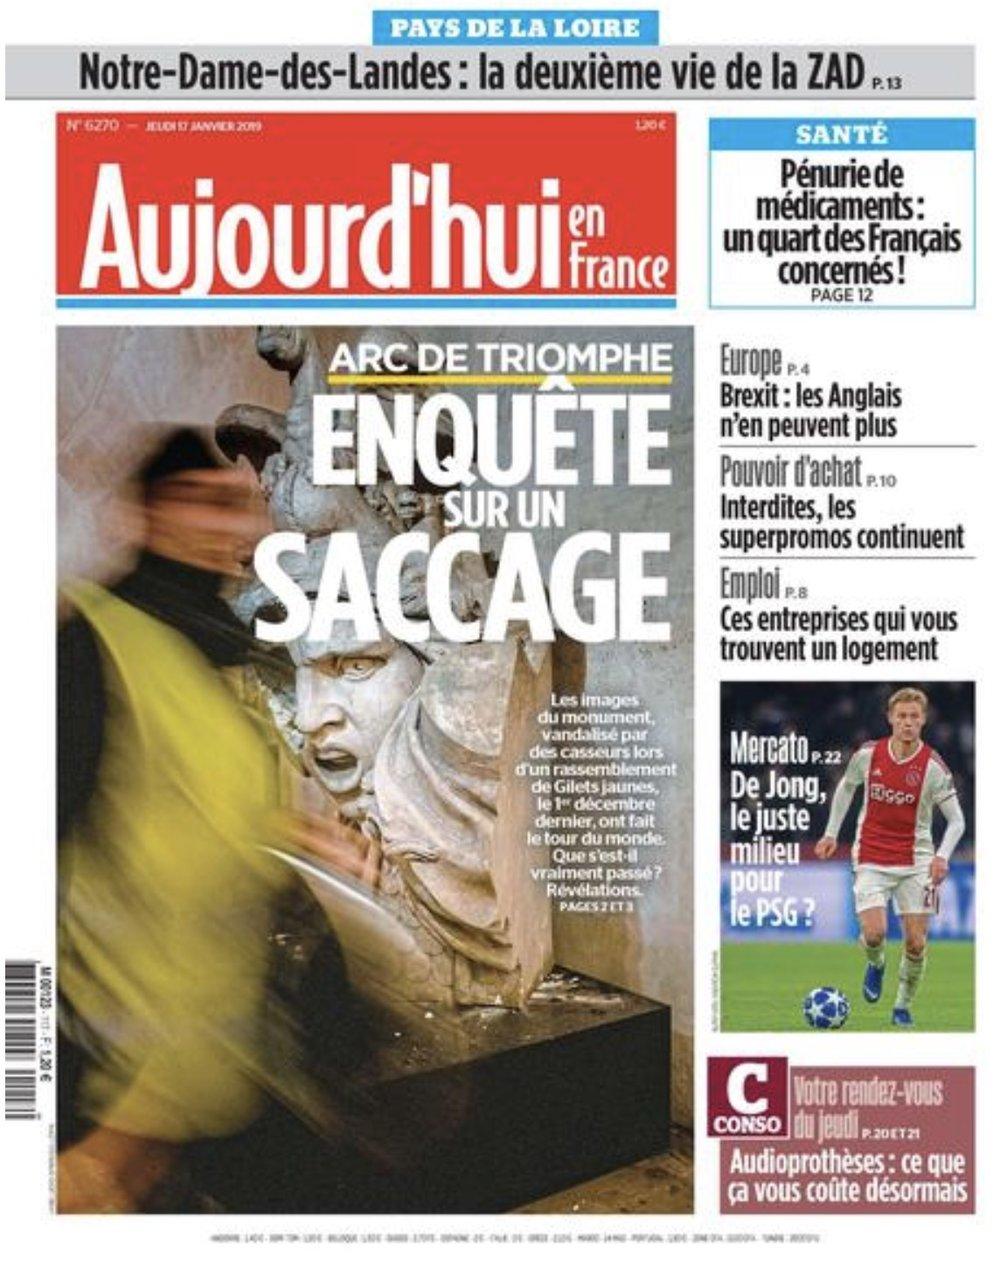 PUBLI - Aujourdhui en France.jpg